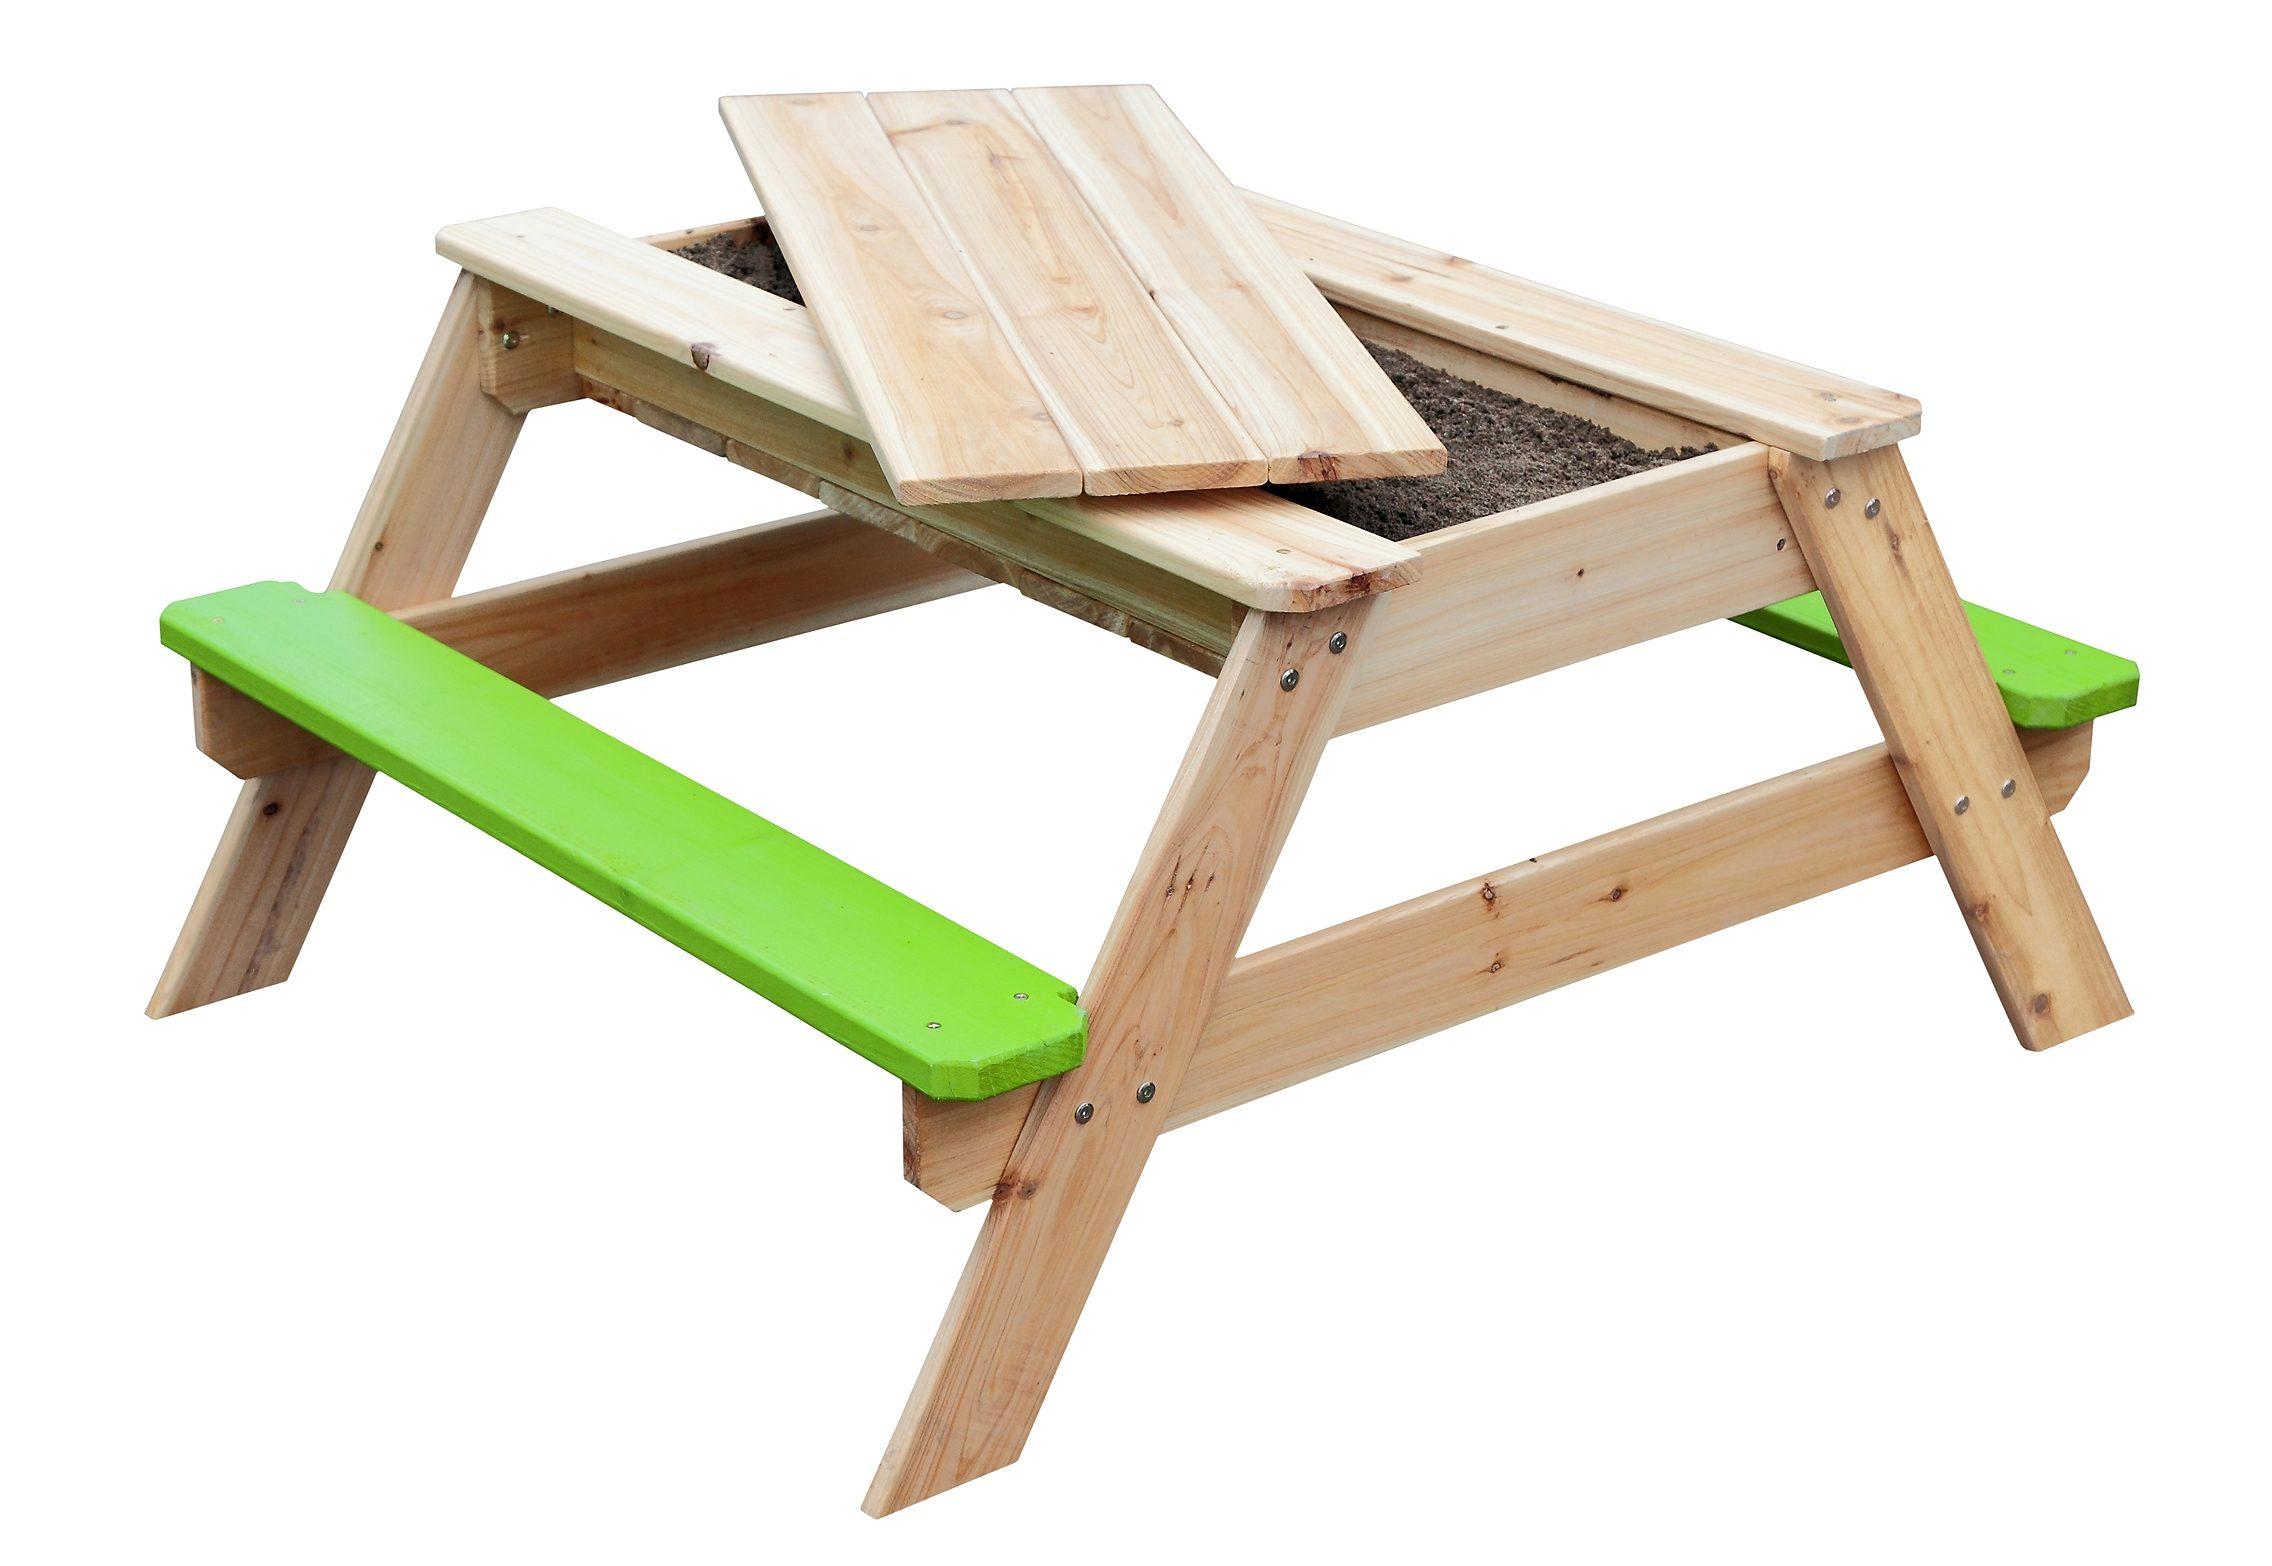 Sun Kindersitzgarnitur aus Holz mit integriertem Sandkasten, natur-grün